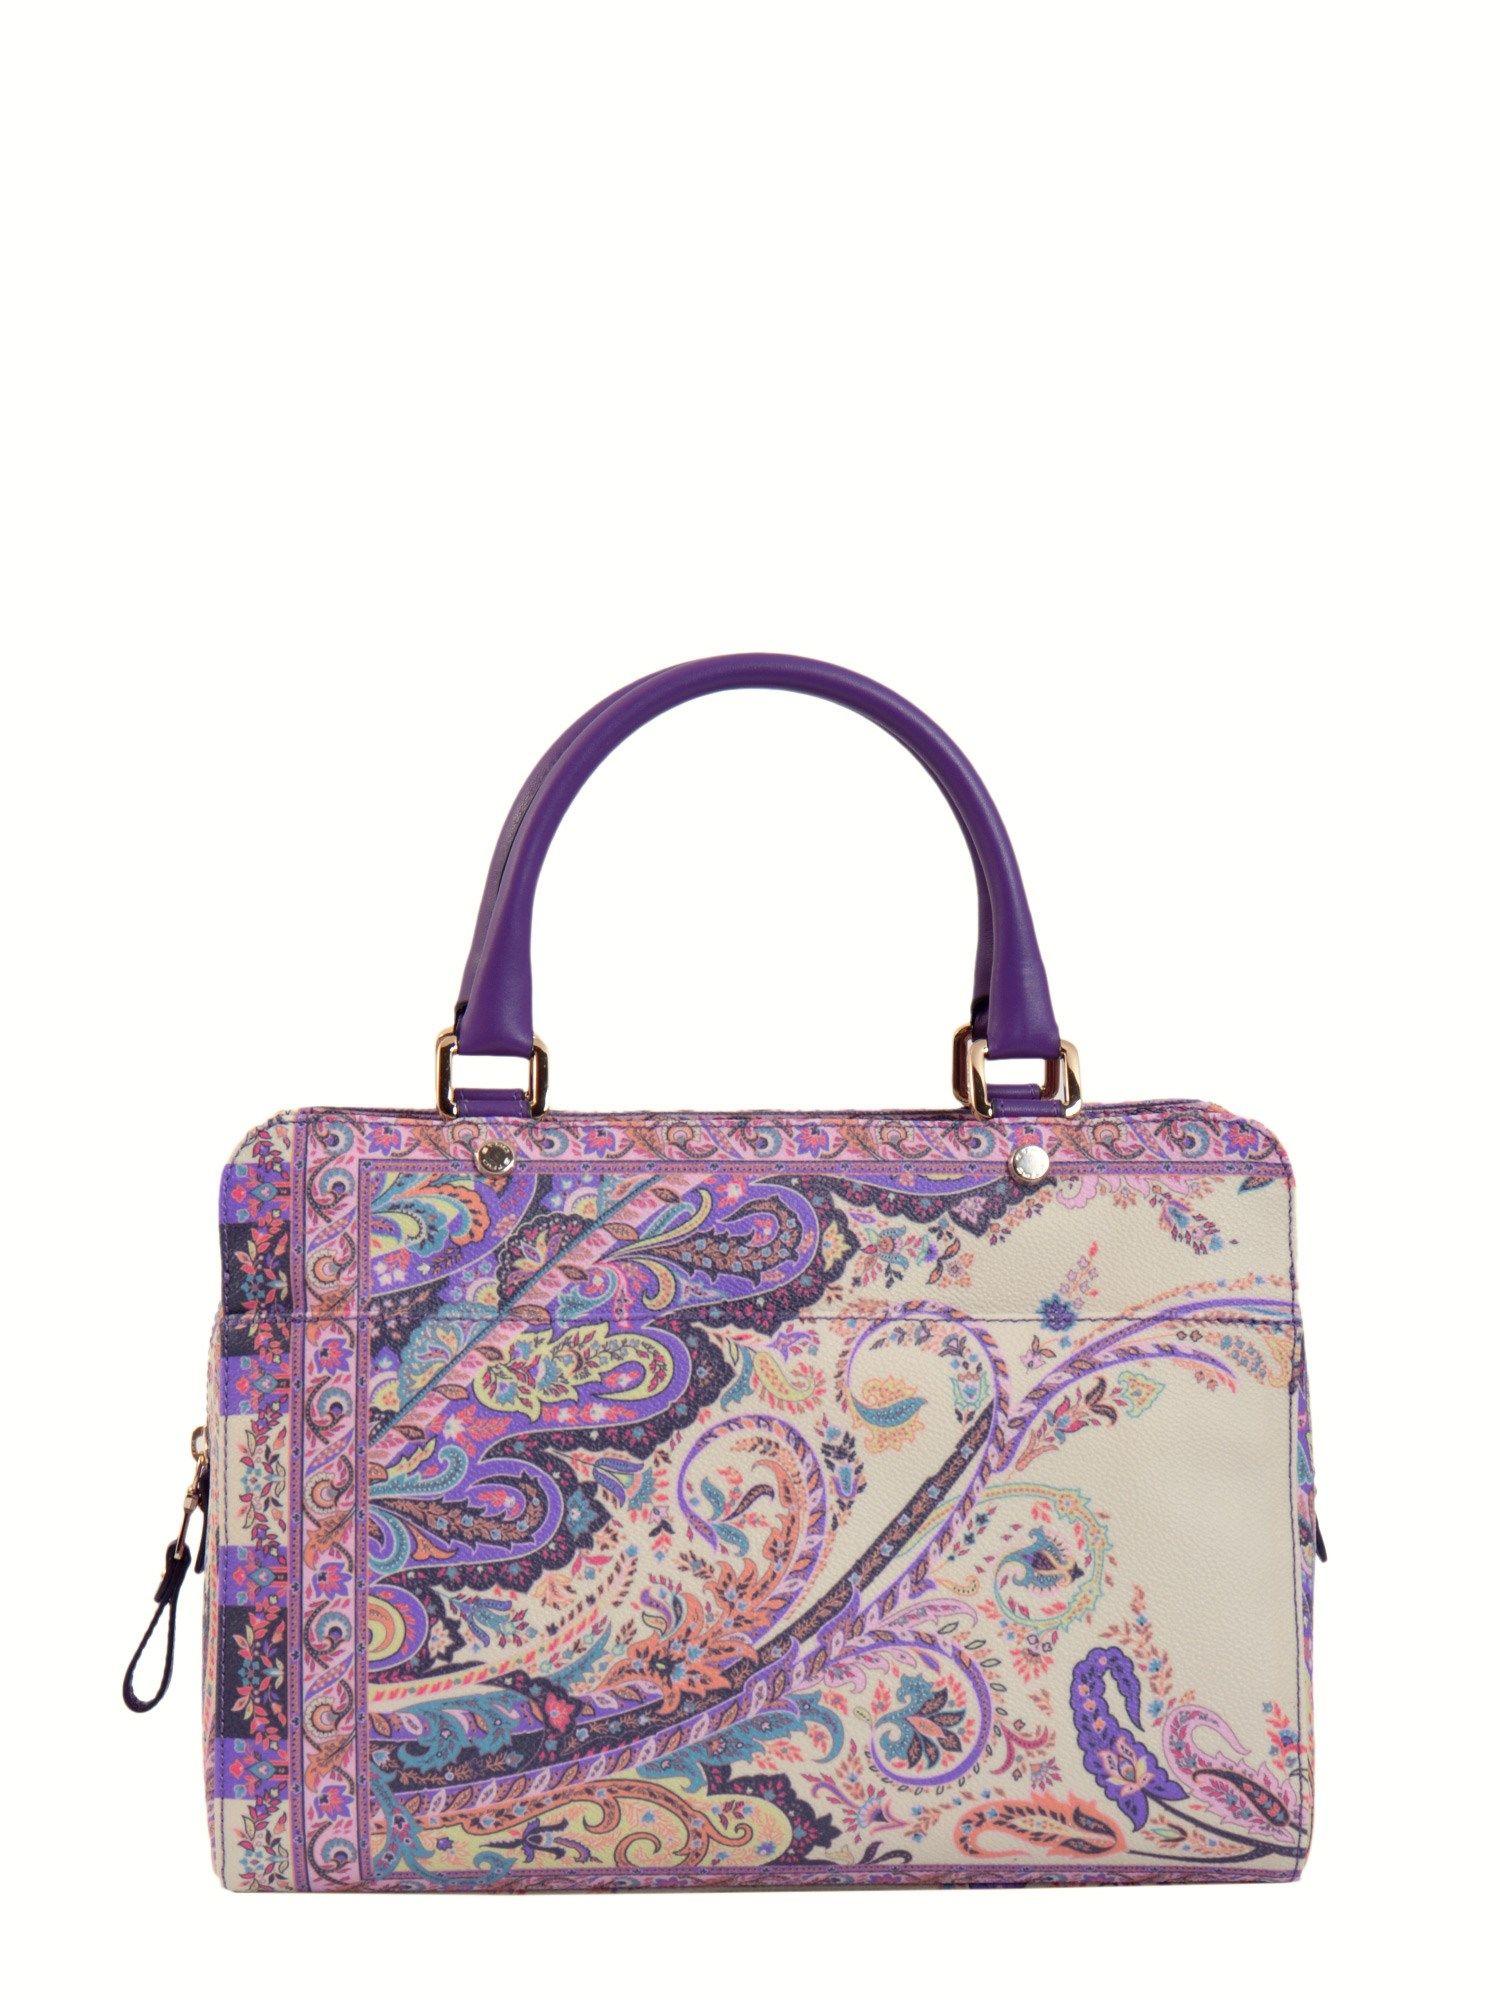 Fantasy Print Bag